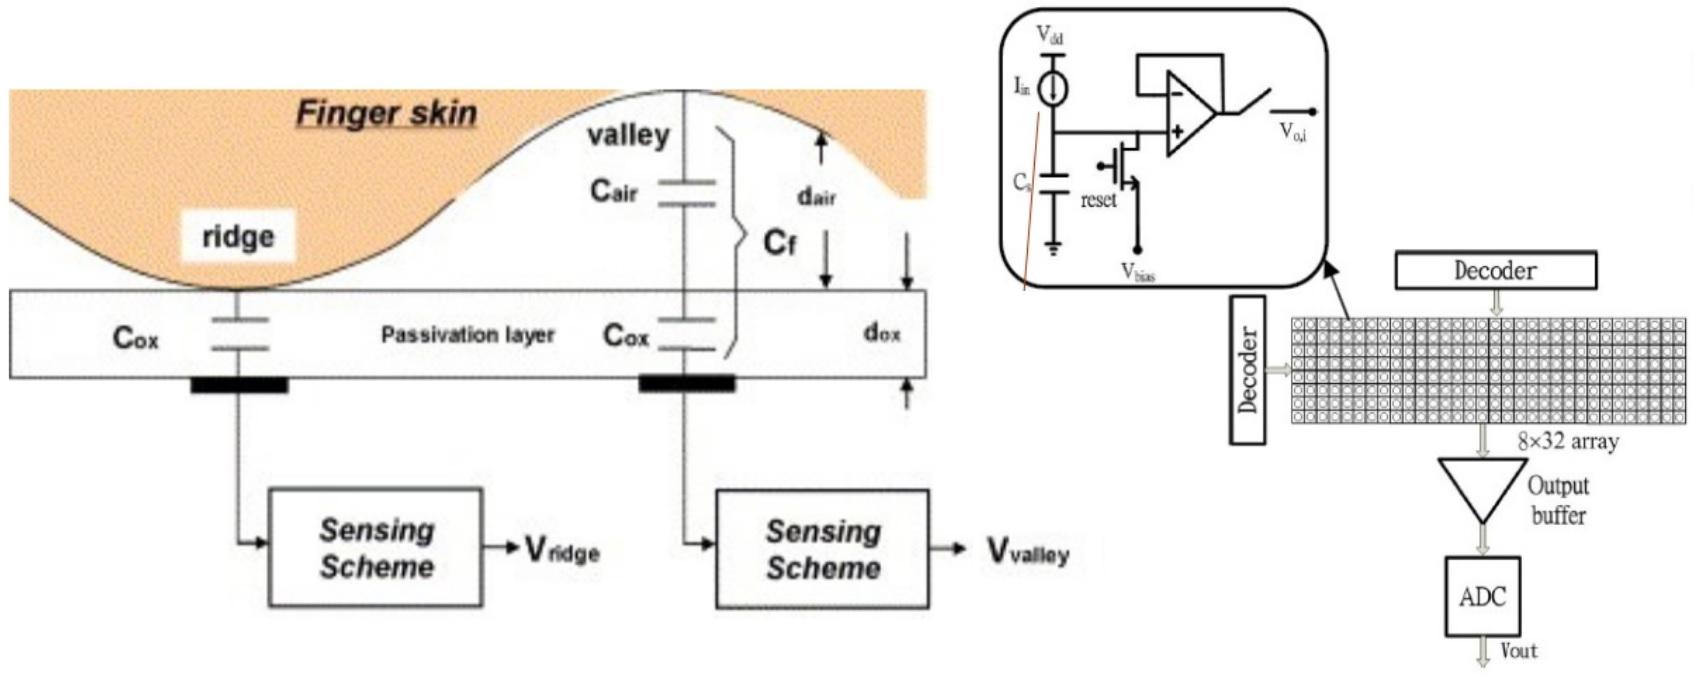 Capacitive Fingerprint Scanner design